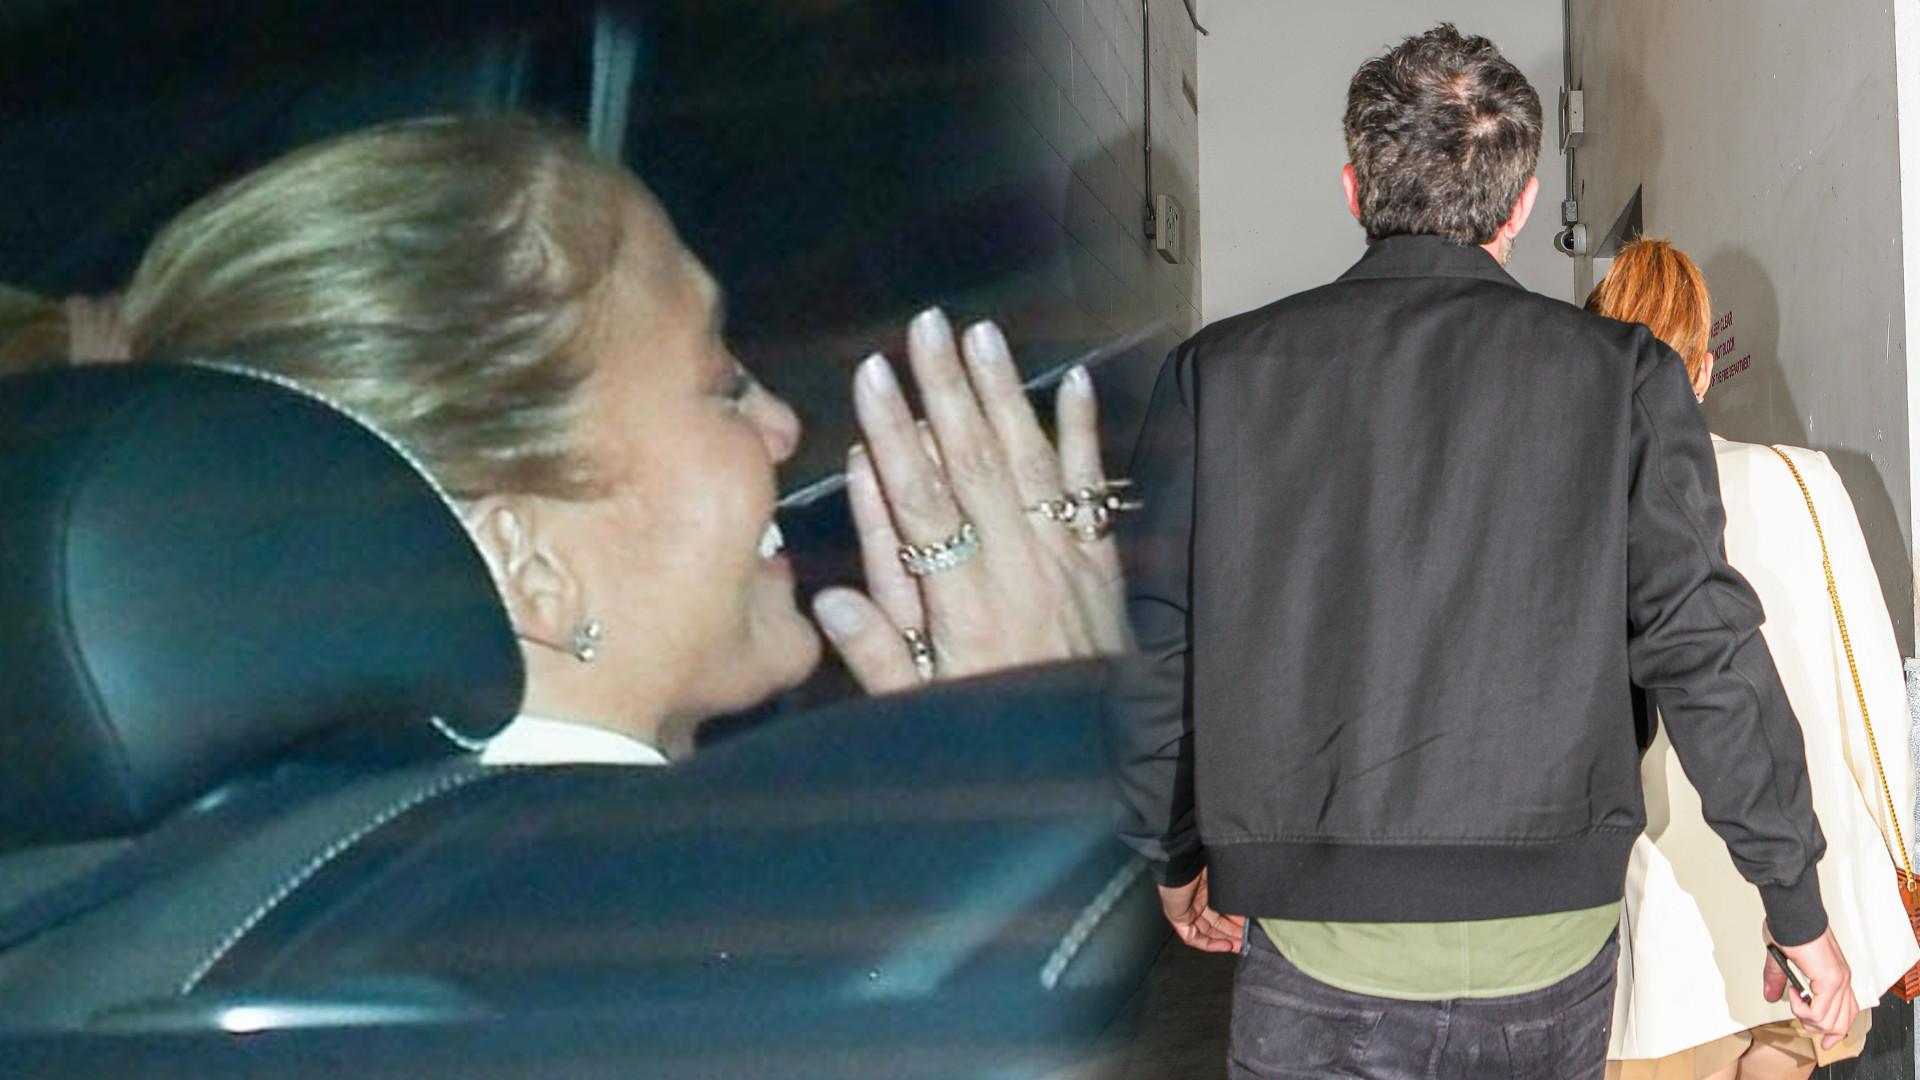 Roześmiana Jennifer Lopez na kolejnej randce z Benem. Odsłoniła nogi w kusych szortach (ZDJĘCIA)